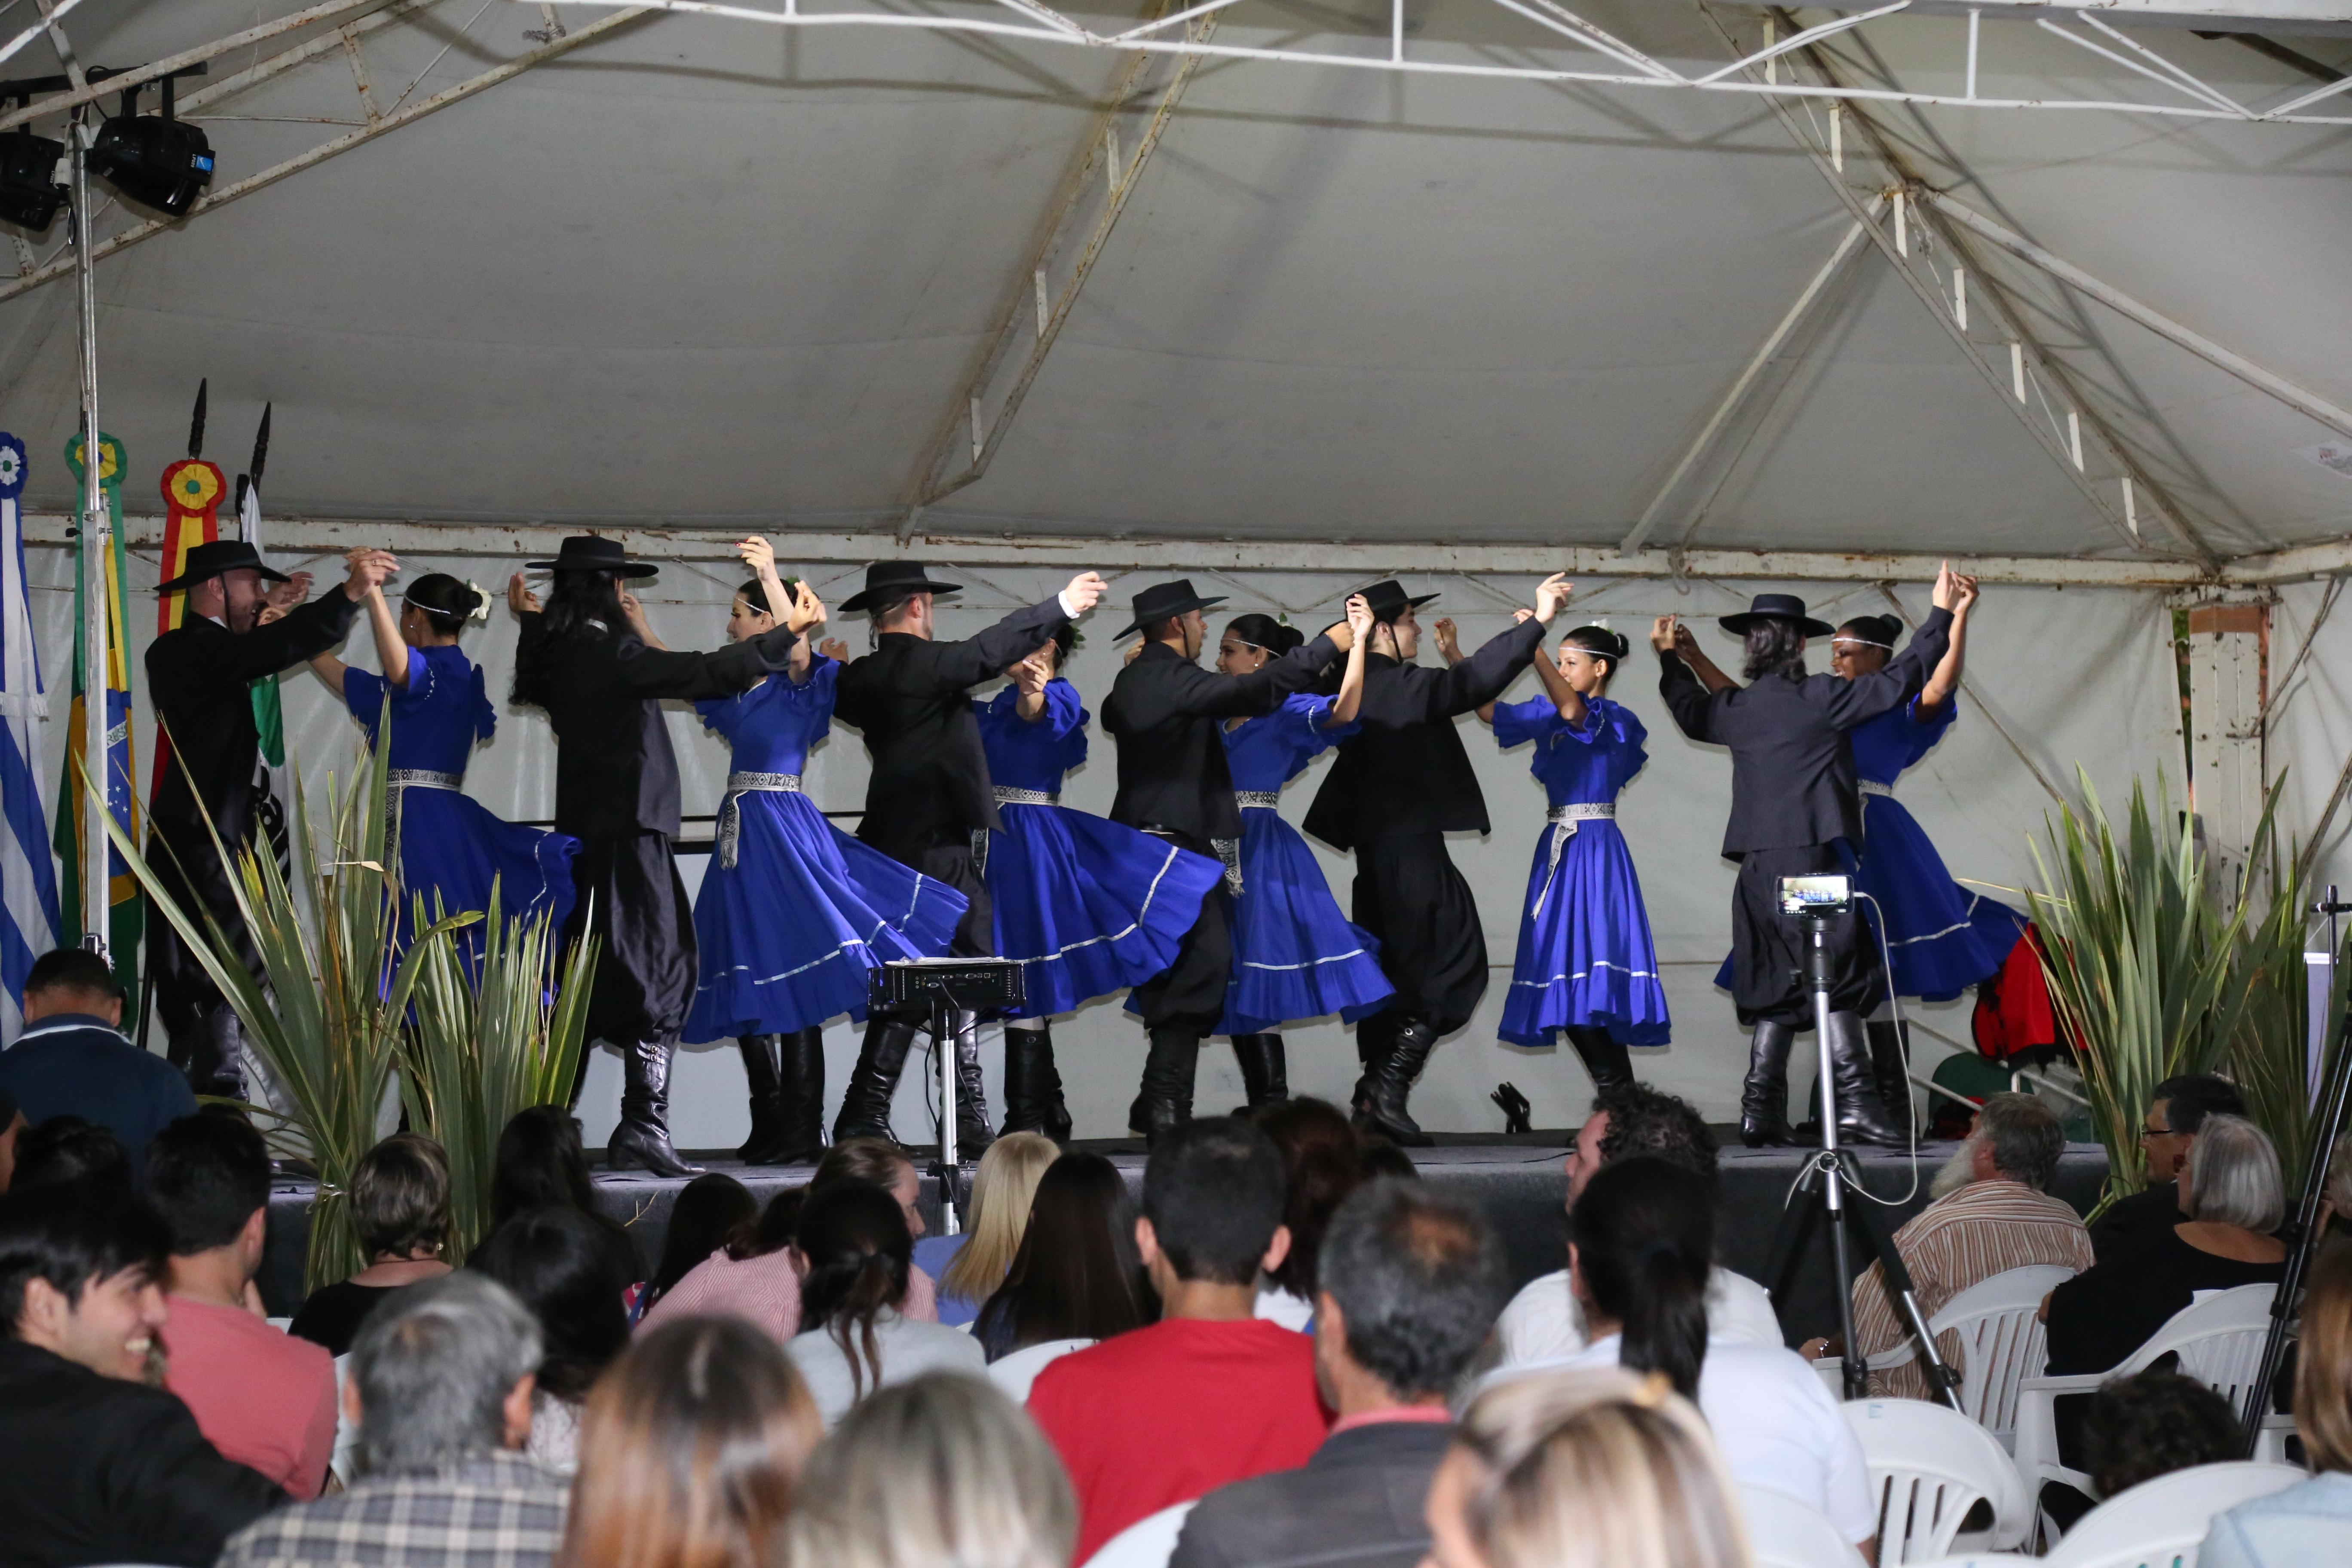 Seis casais dançando no palco usando trajes gaúchos, com cores azul e preto. Público a frente assistindo.